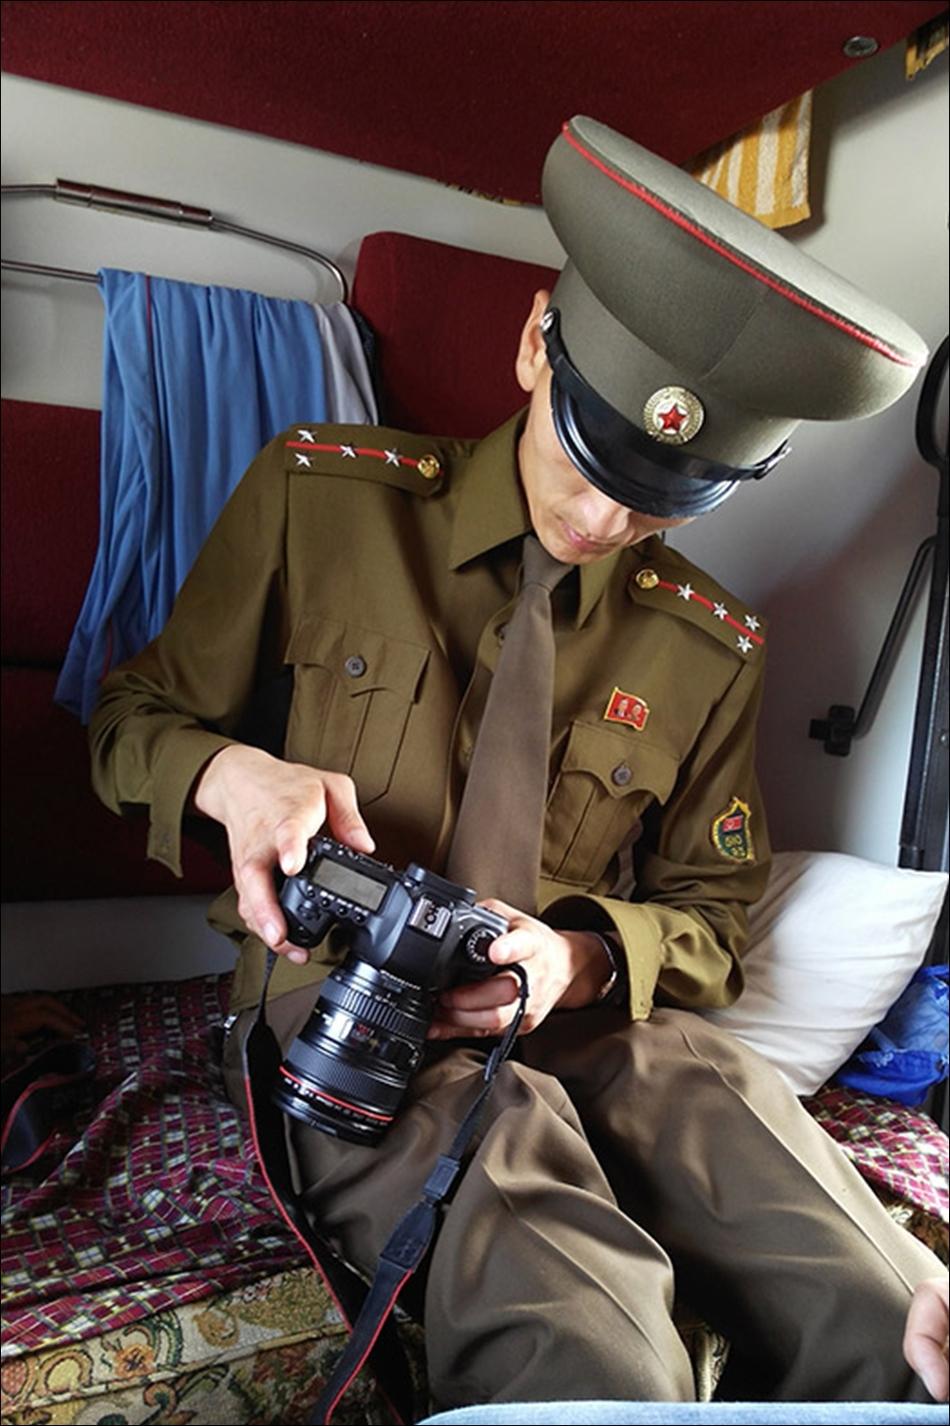 Северная корея жизнь изнутри фото